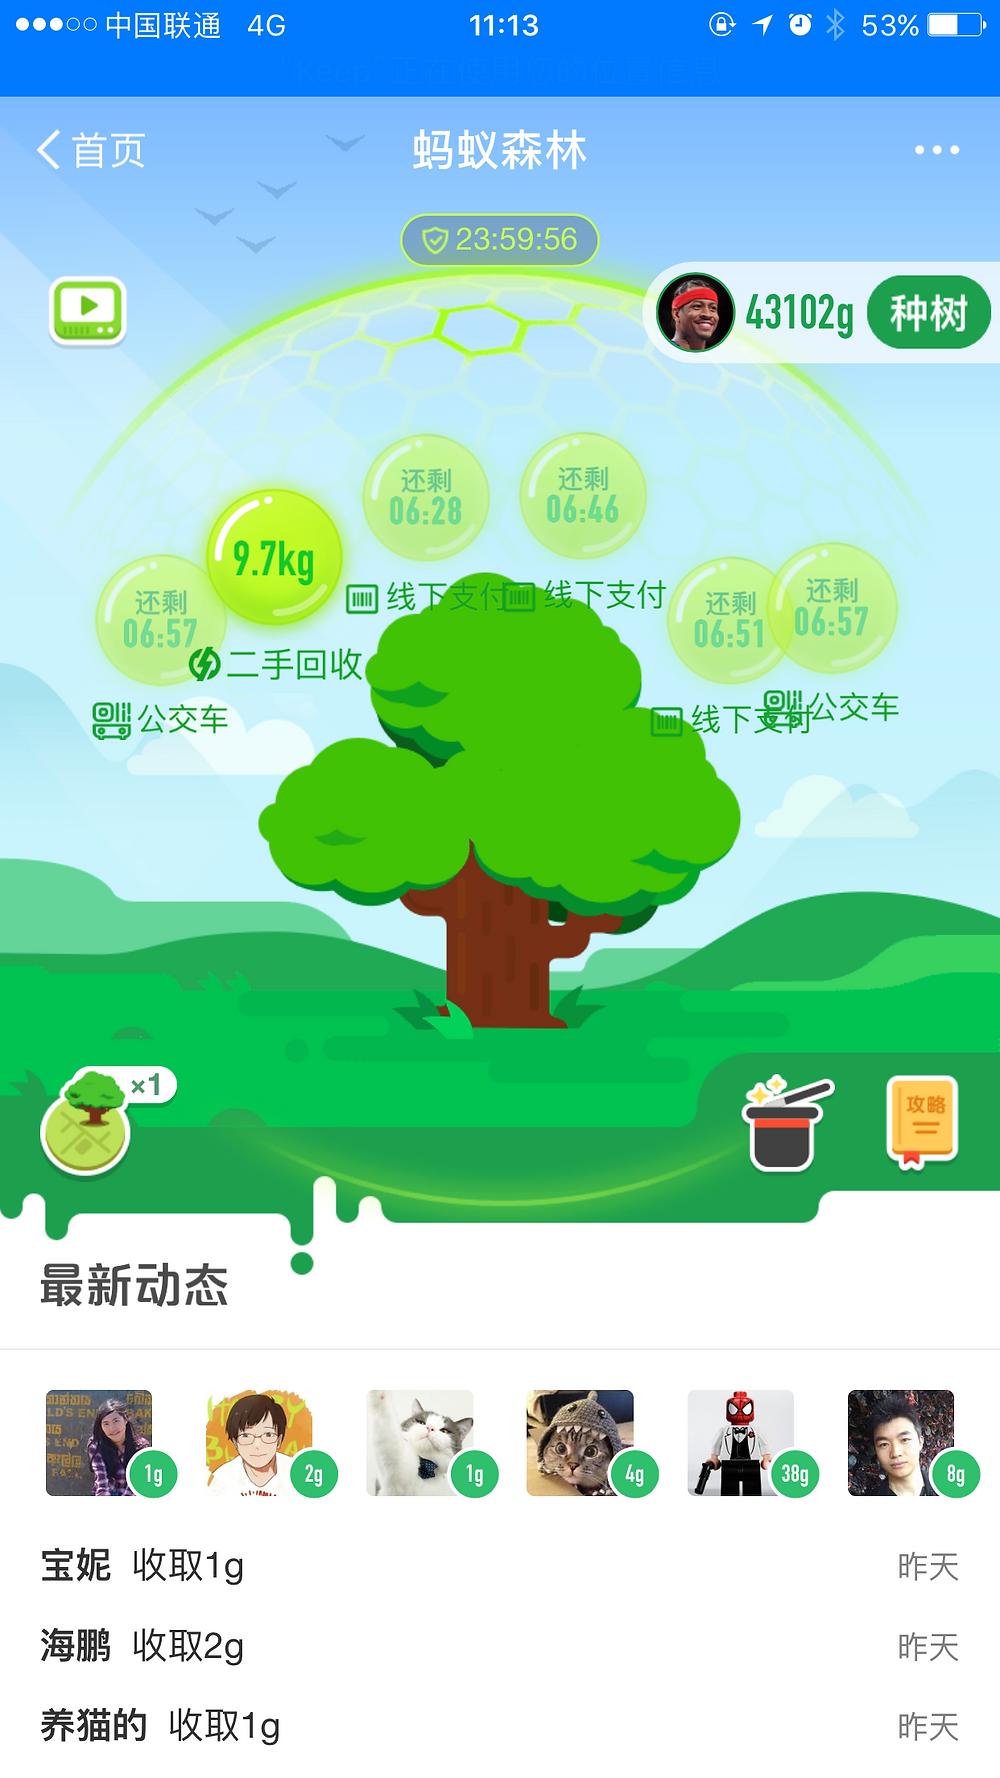 Ant forest reciclar app aplicacion plataforma interfaz juego arboles premio plantar verde ambiente ropa vieja